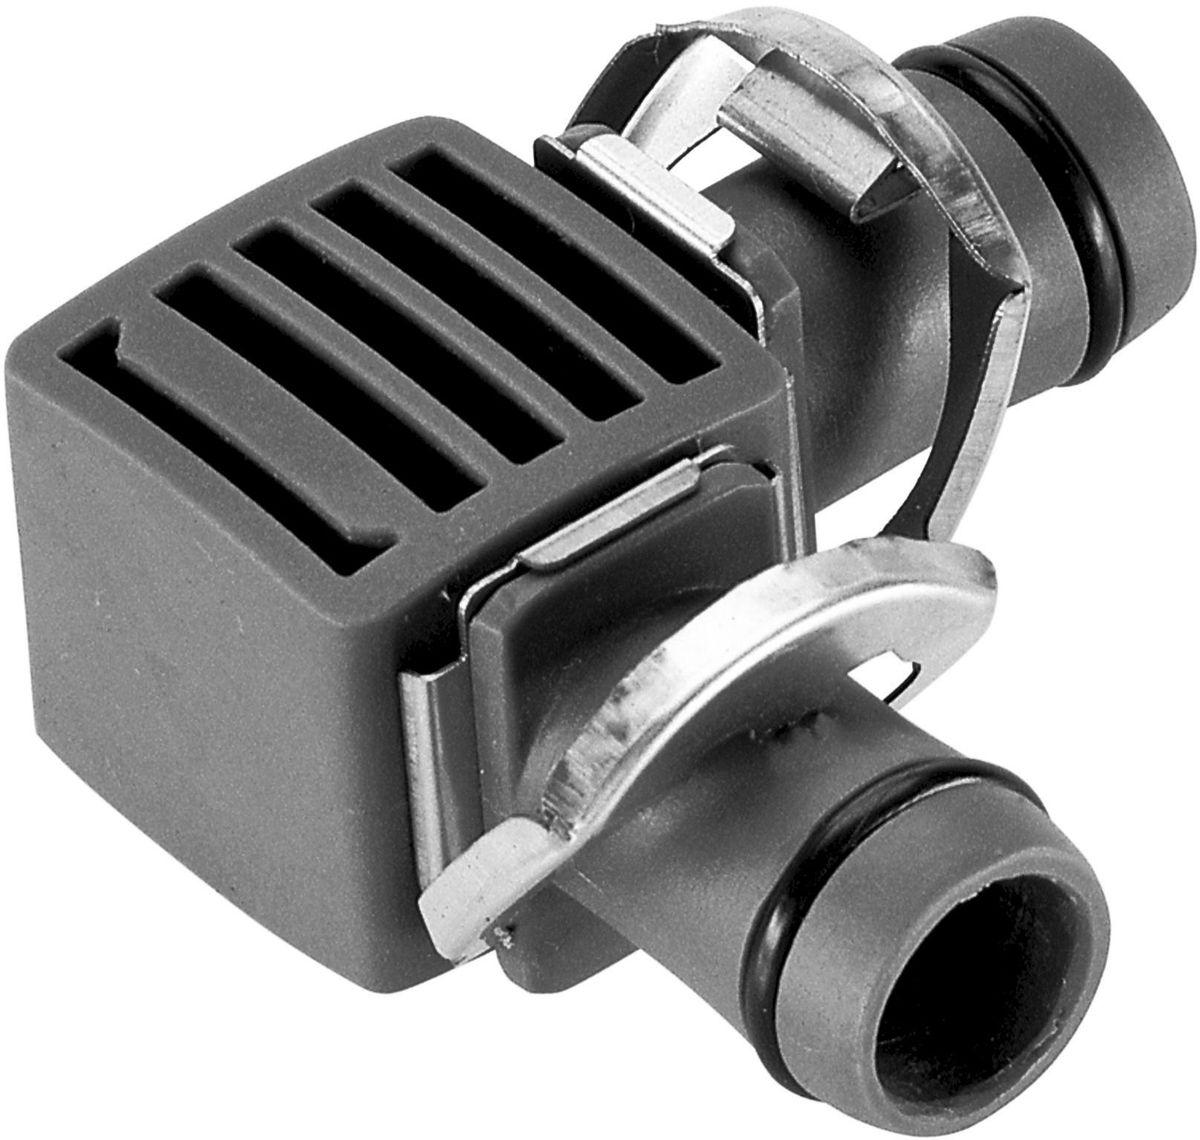 Соединитель Gardena, L-образный, резьба 13 мм (1/2), 2 шт08382-29.000.00Соединитель L-образный Gardena является элементом системы микрокапельного полива Gardena Micro-Drip-System и предназначен для изменения направления магистрального шланга. Благодаря патентованной технологии быстрого подсоединения Quick & Easy, установка соединителя чрезвычайно проста. В комплект поставки входят два L-образных соединителя.